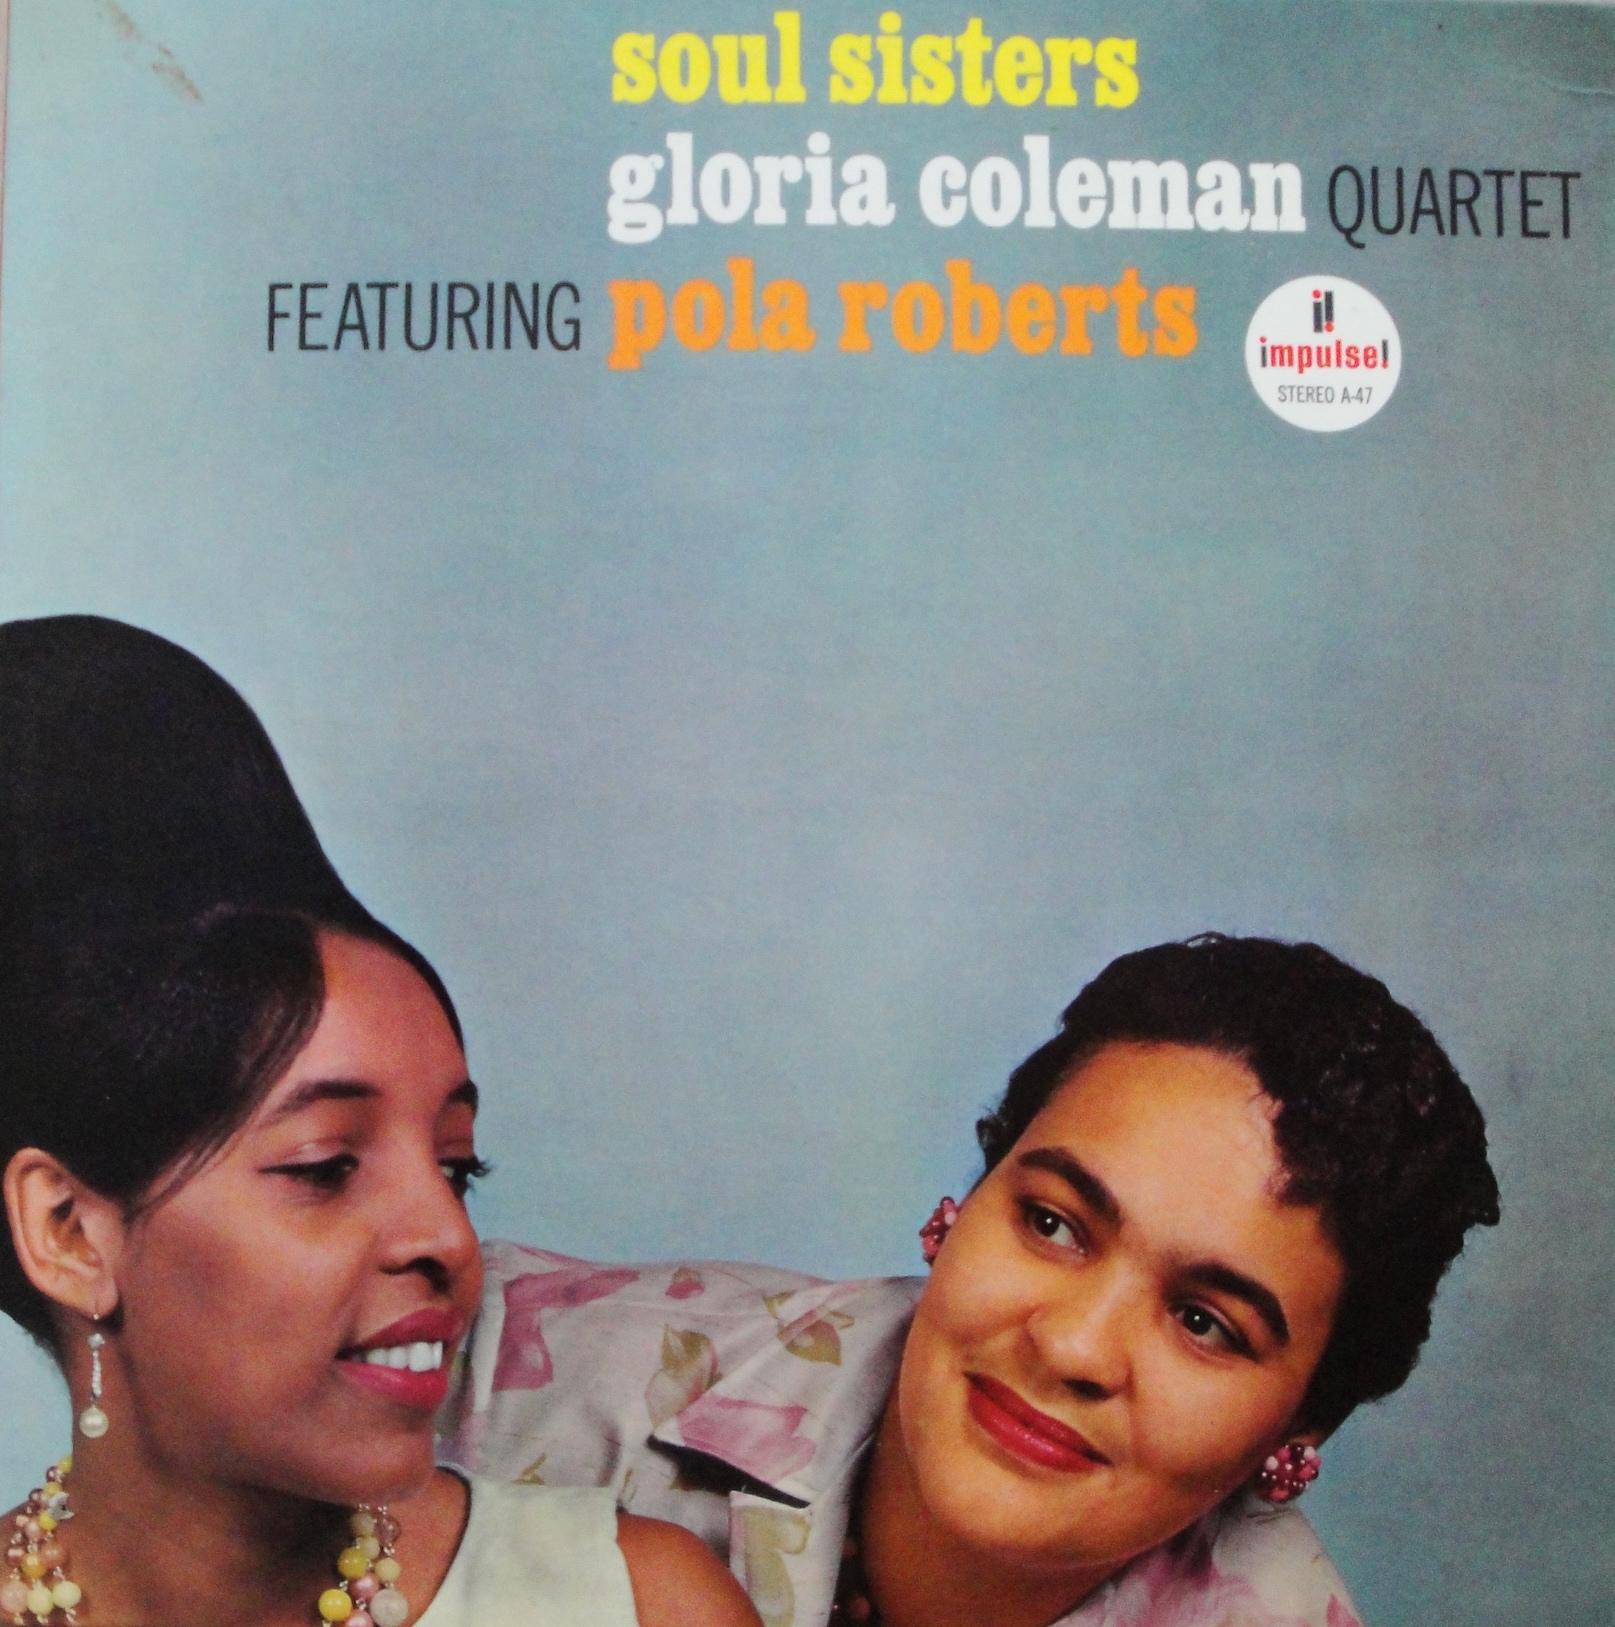 Gloria Coleman - Soul Sisters